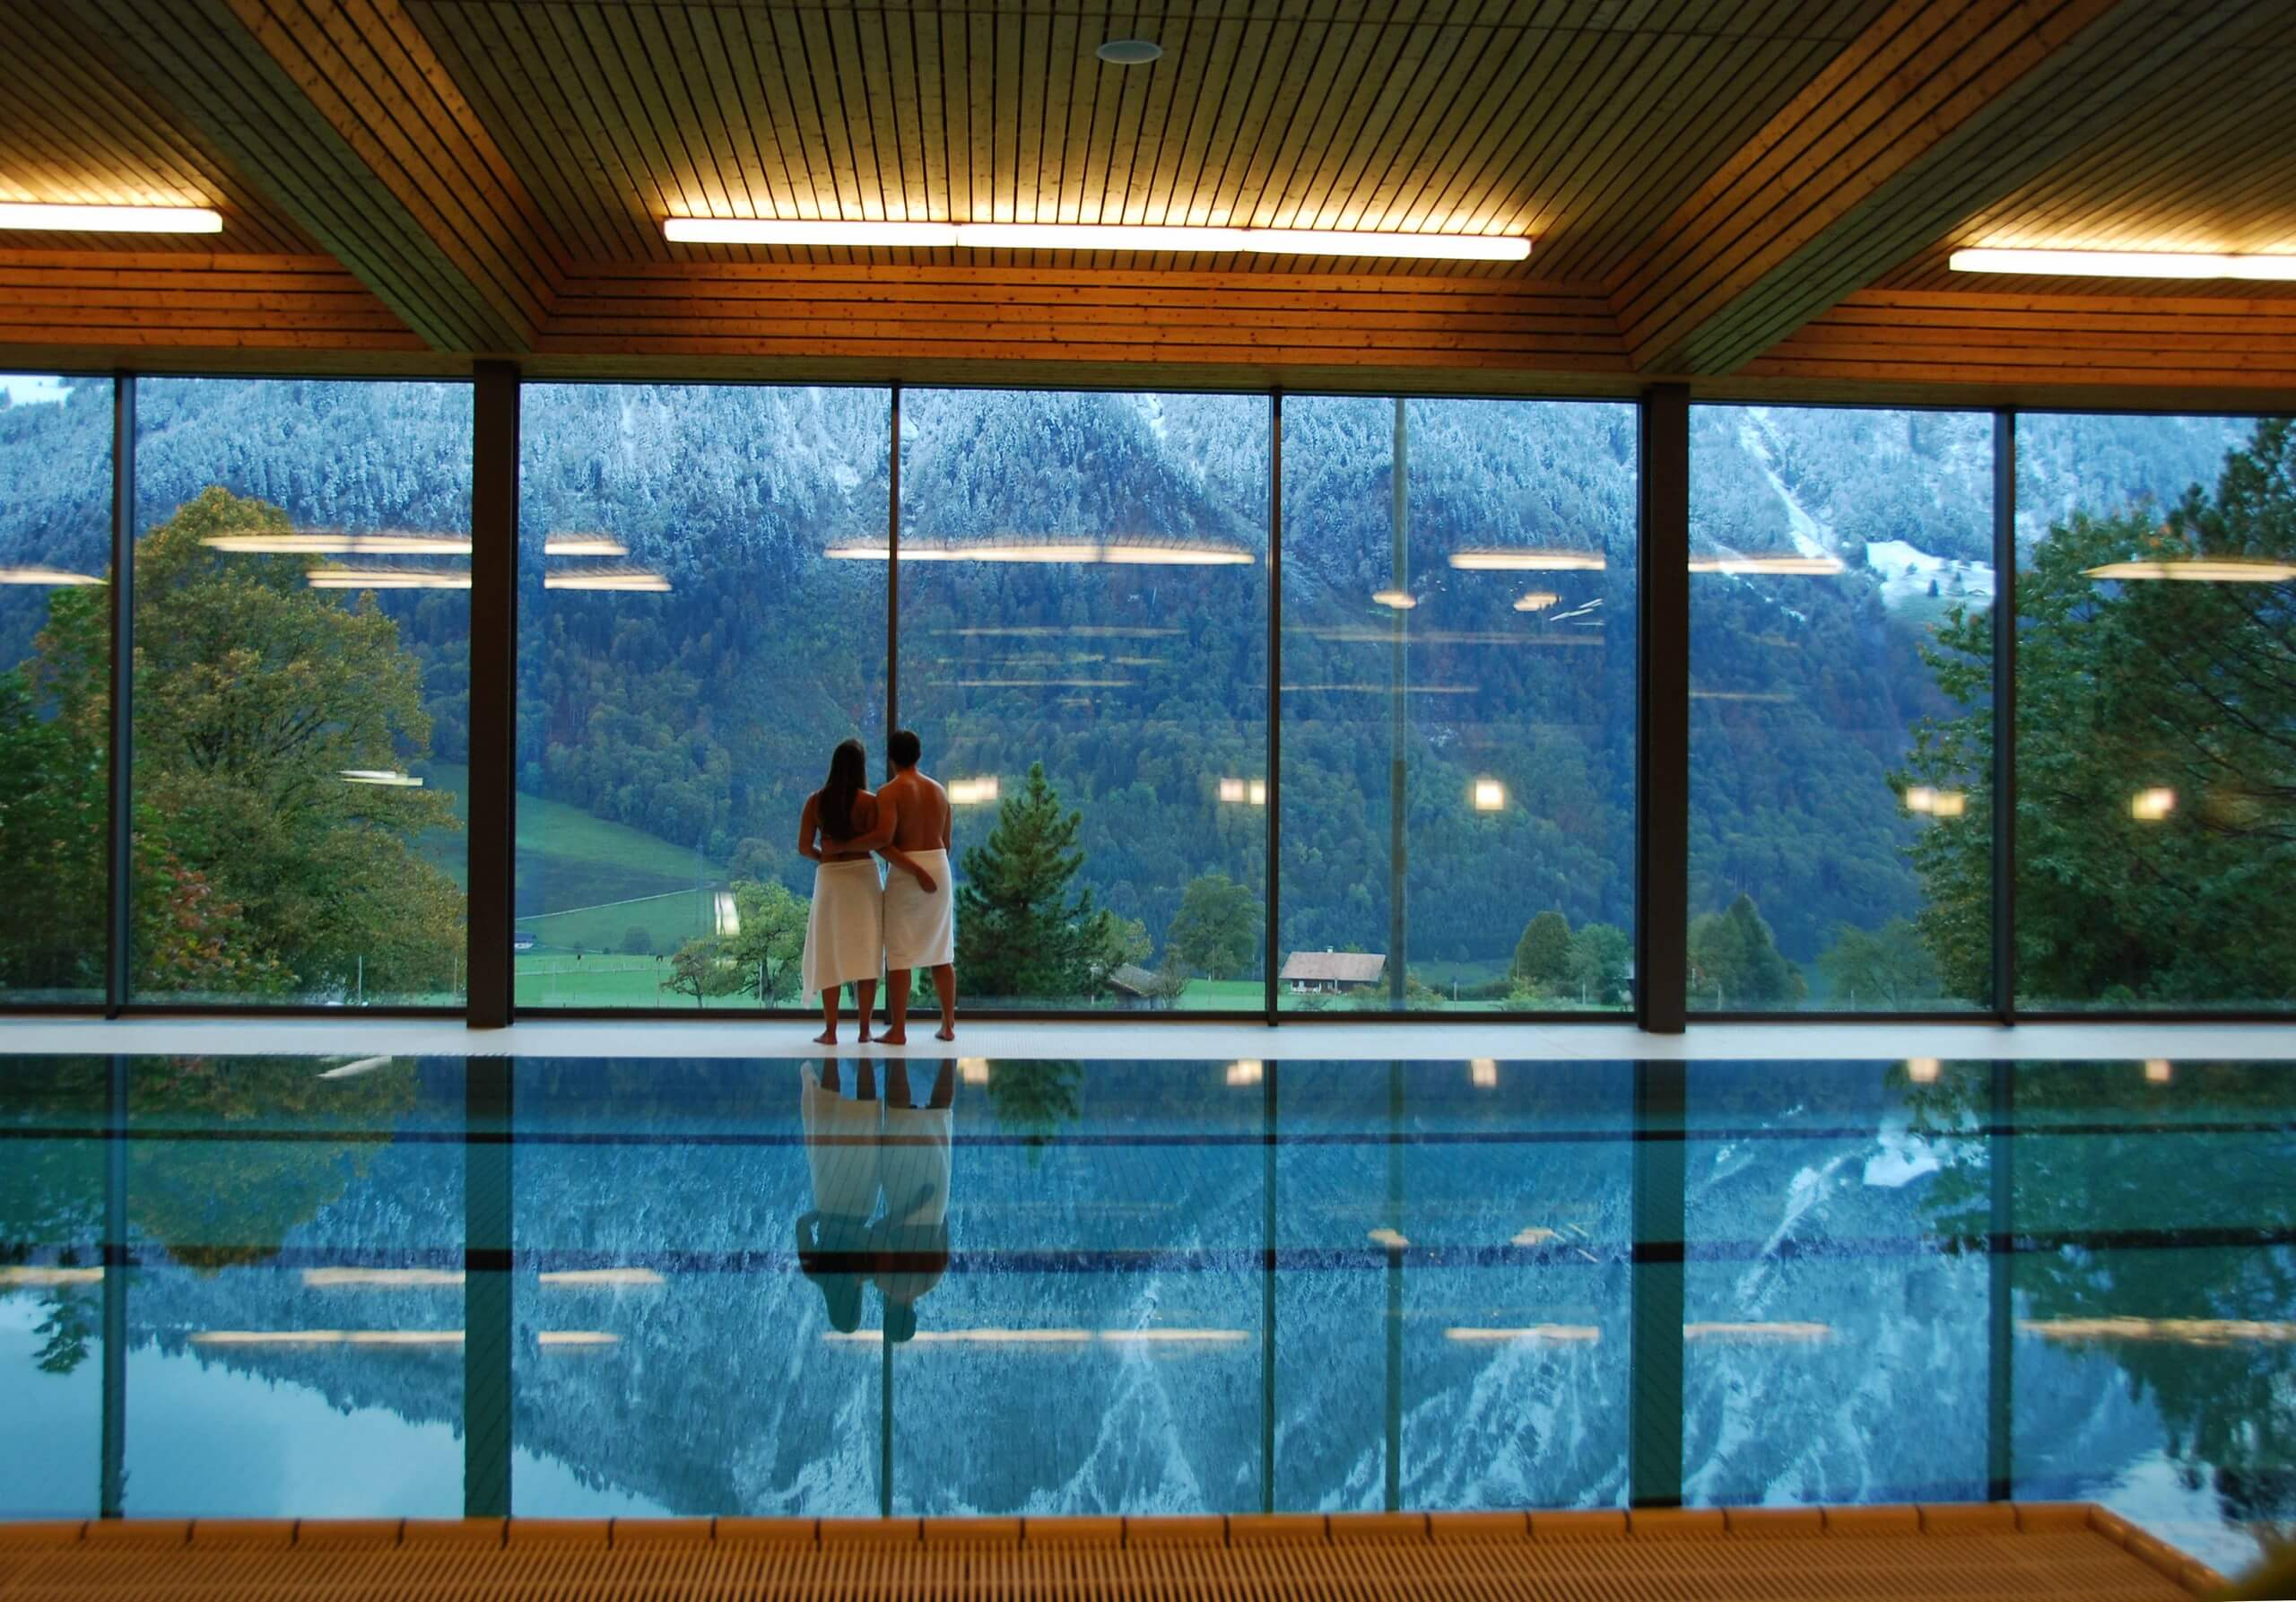 aeschi-hallenbad-innenbad-winter-baden-niesen